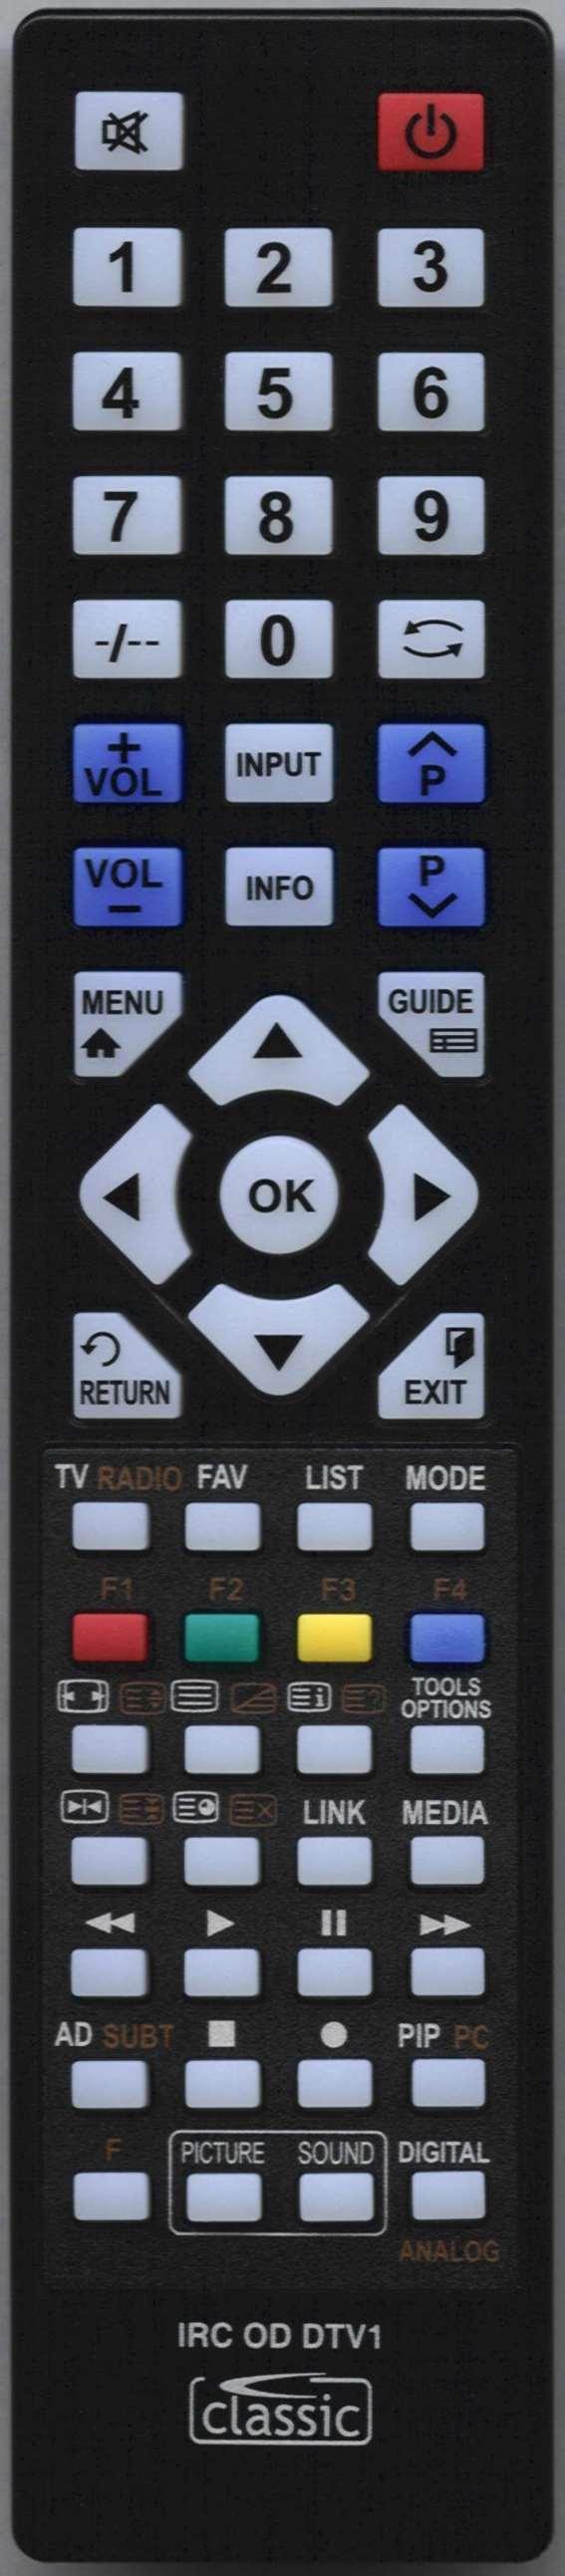 CELLO C32227FT2 Remote Control Alternative